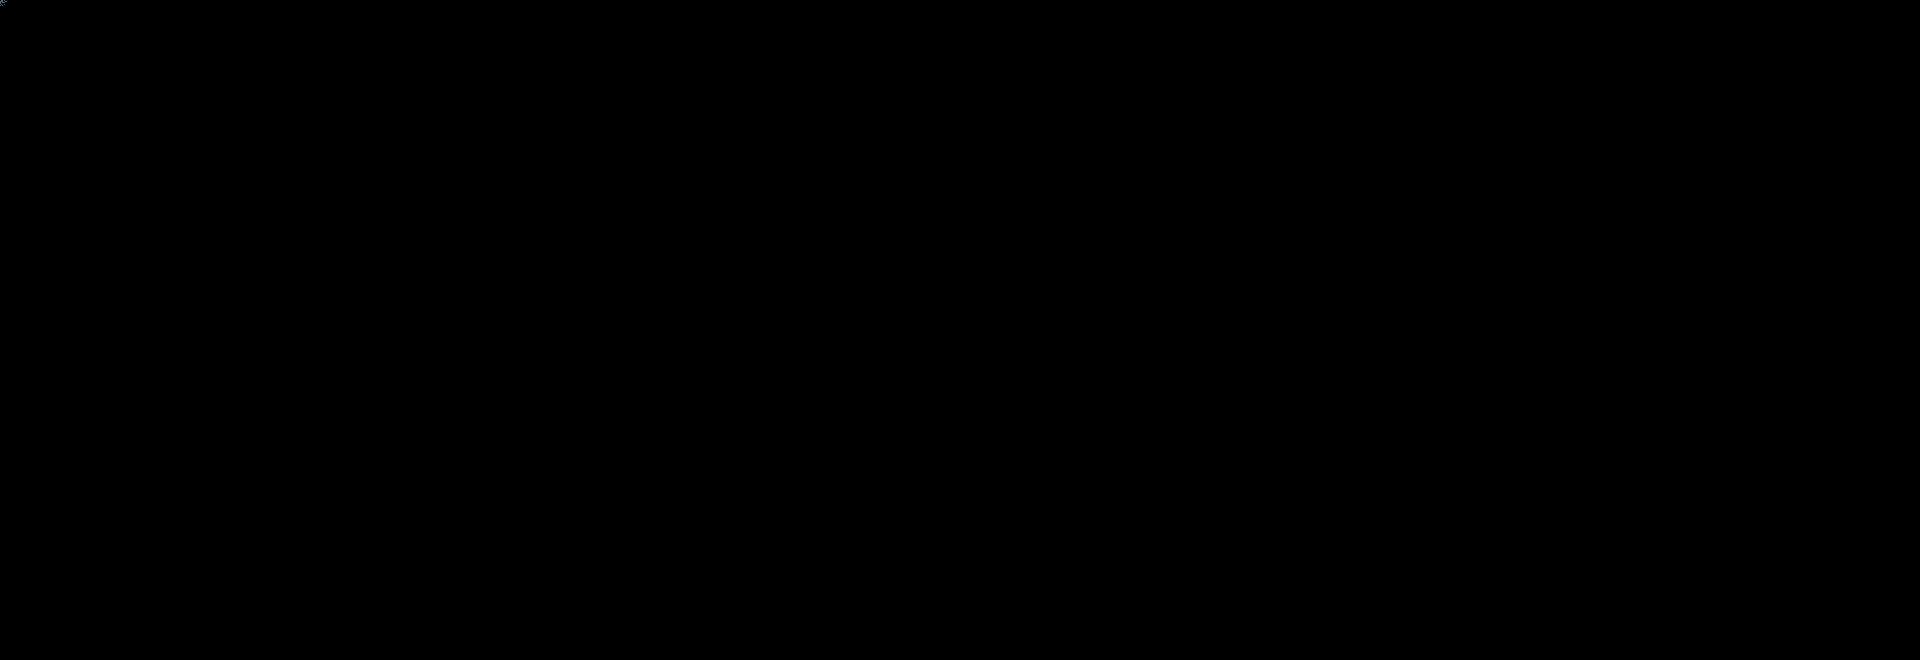 gradient_left.png (copy1)